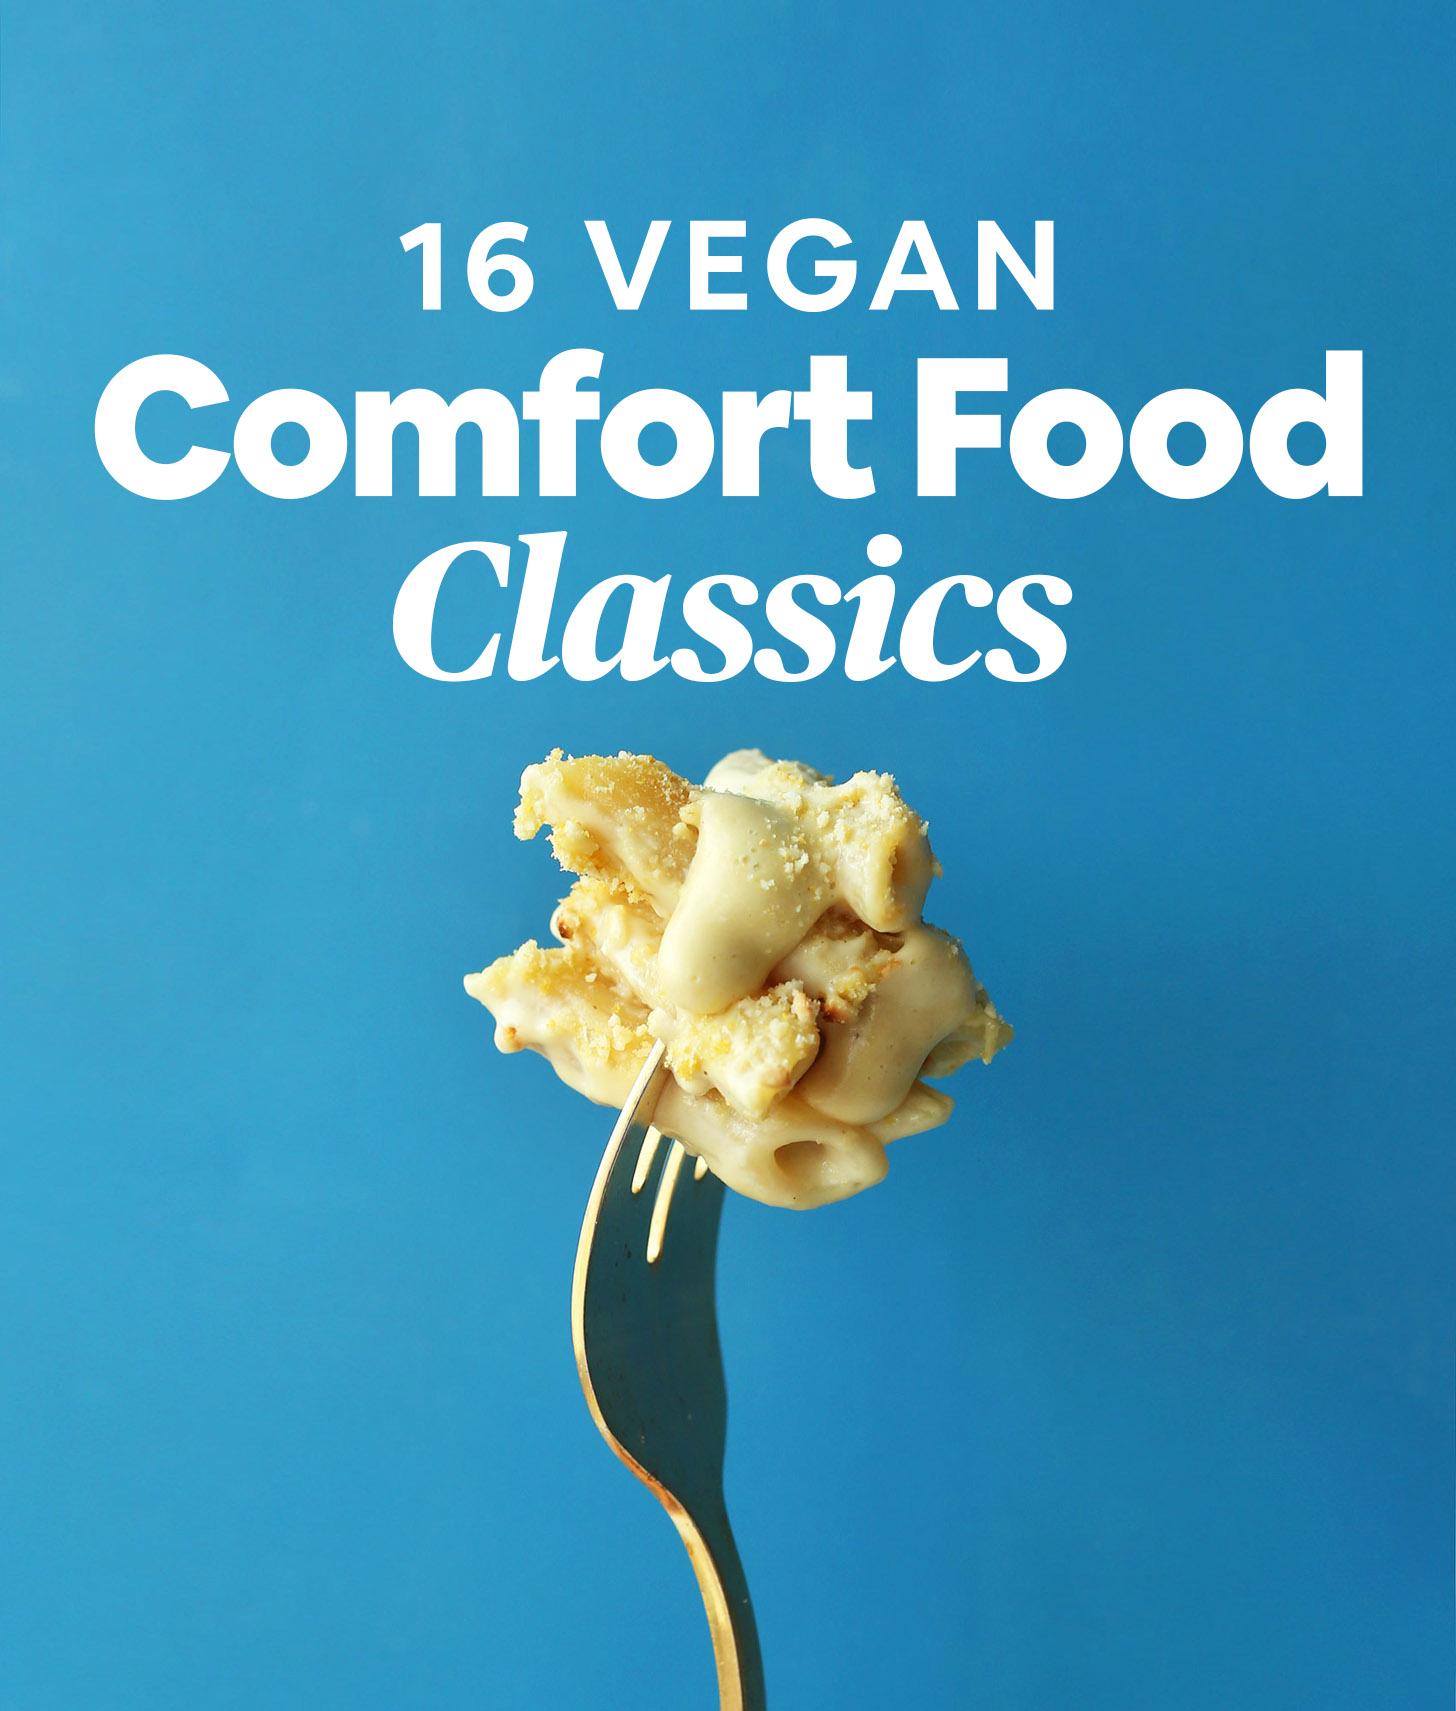 16 Vegan Comfort Food Classics